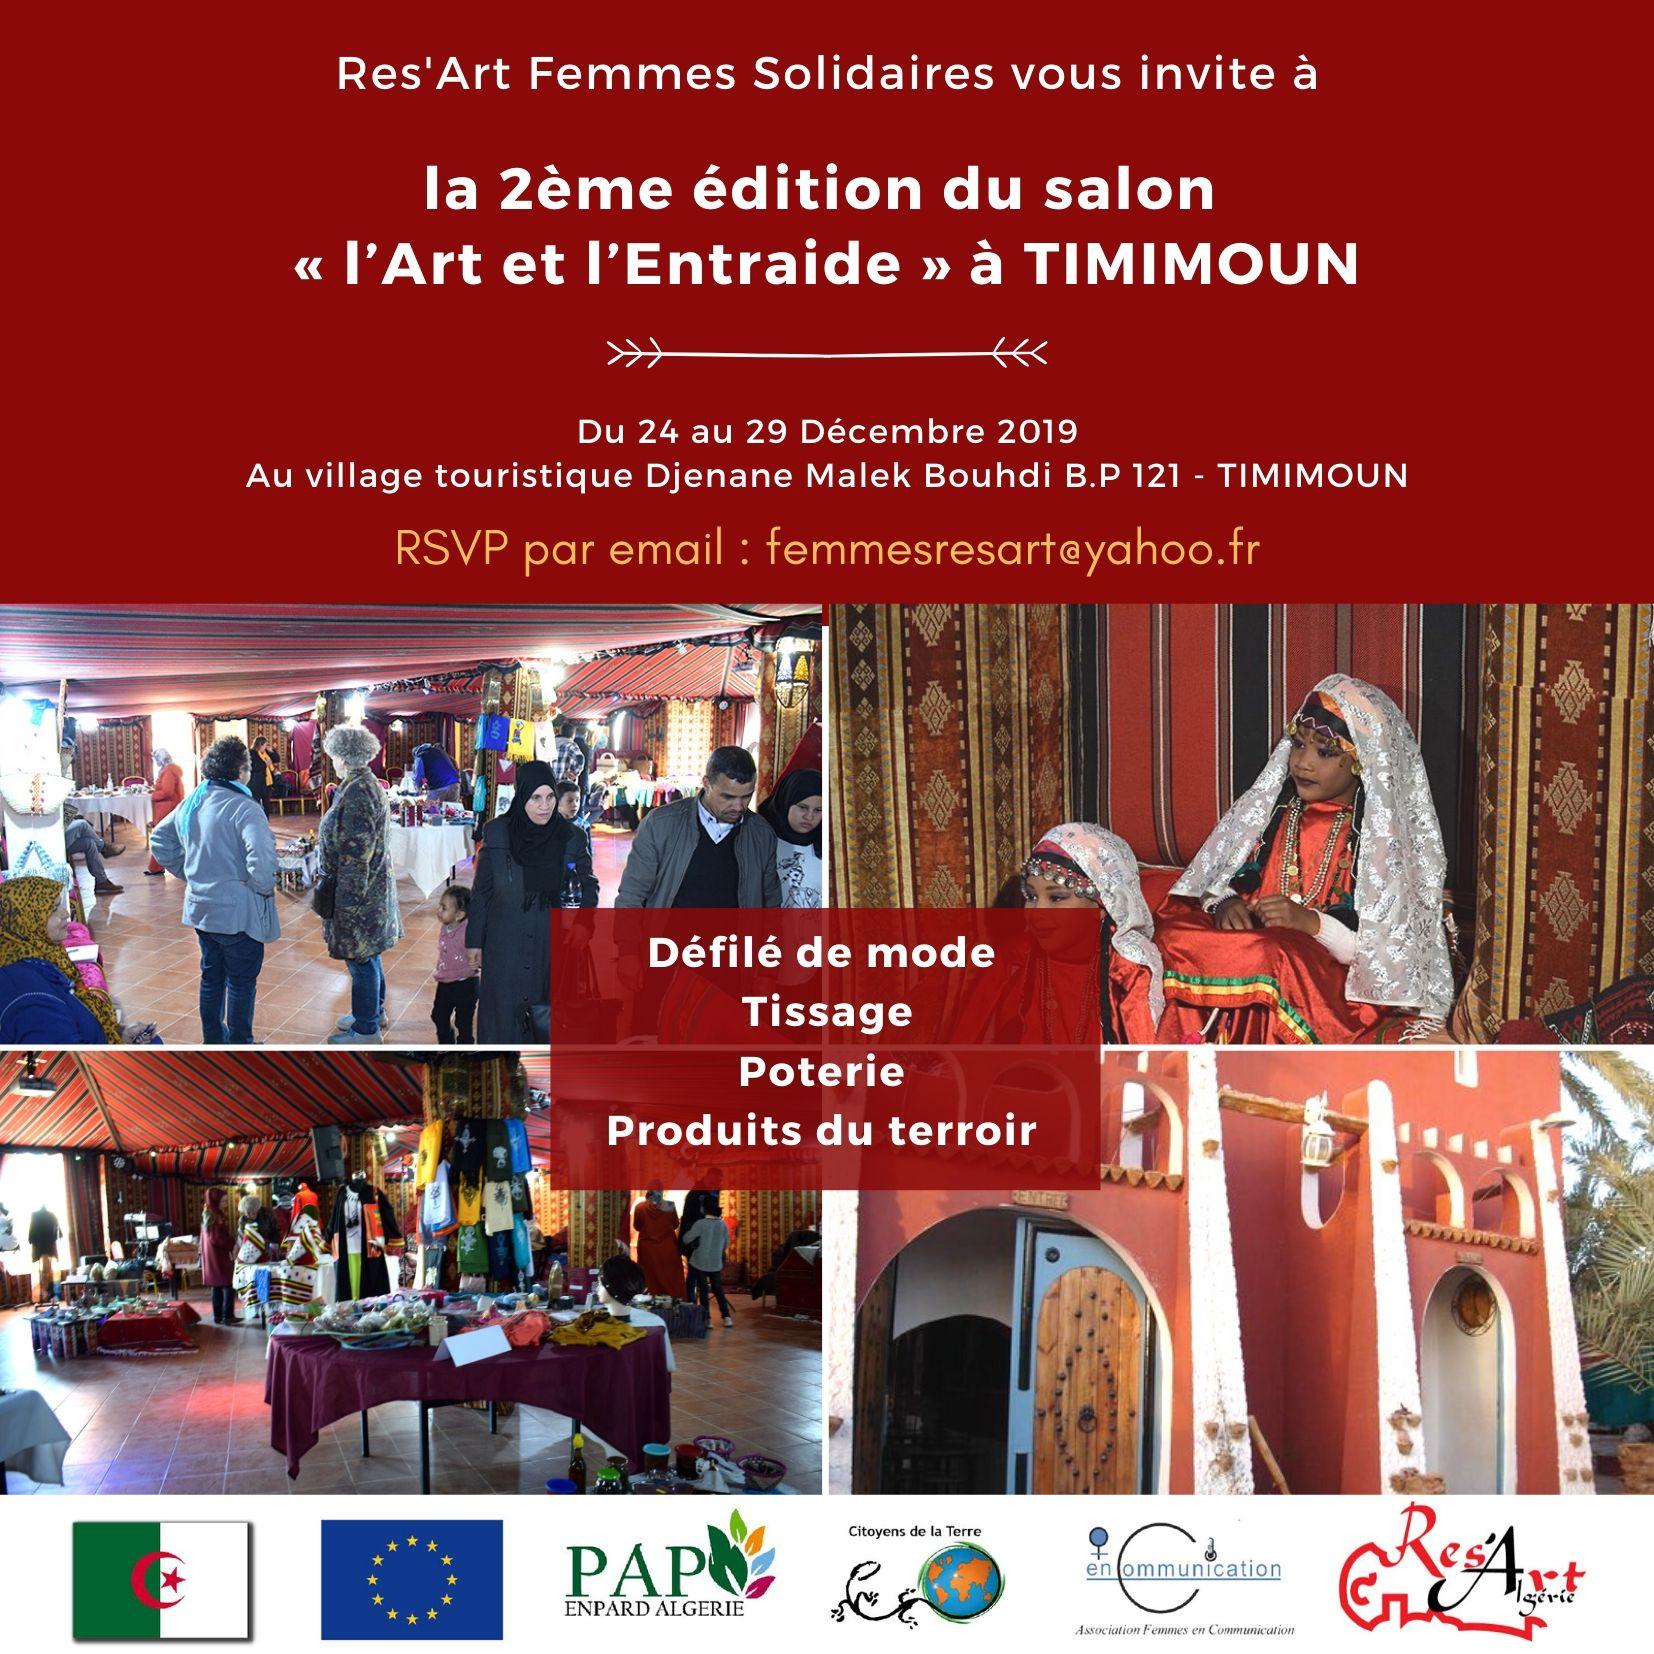 Res'Art organise la deuxième édition du salon «l'Art et l'Entraide» à TIMIMOUN